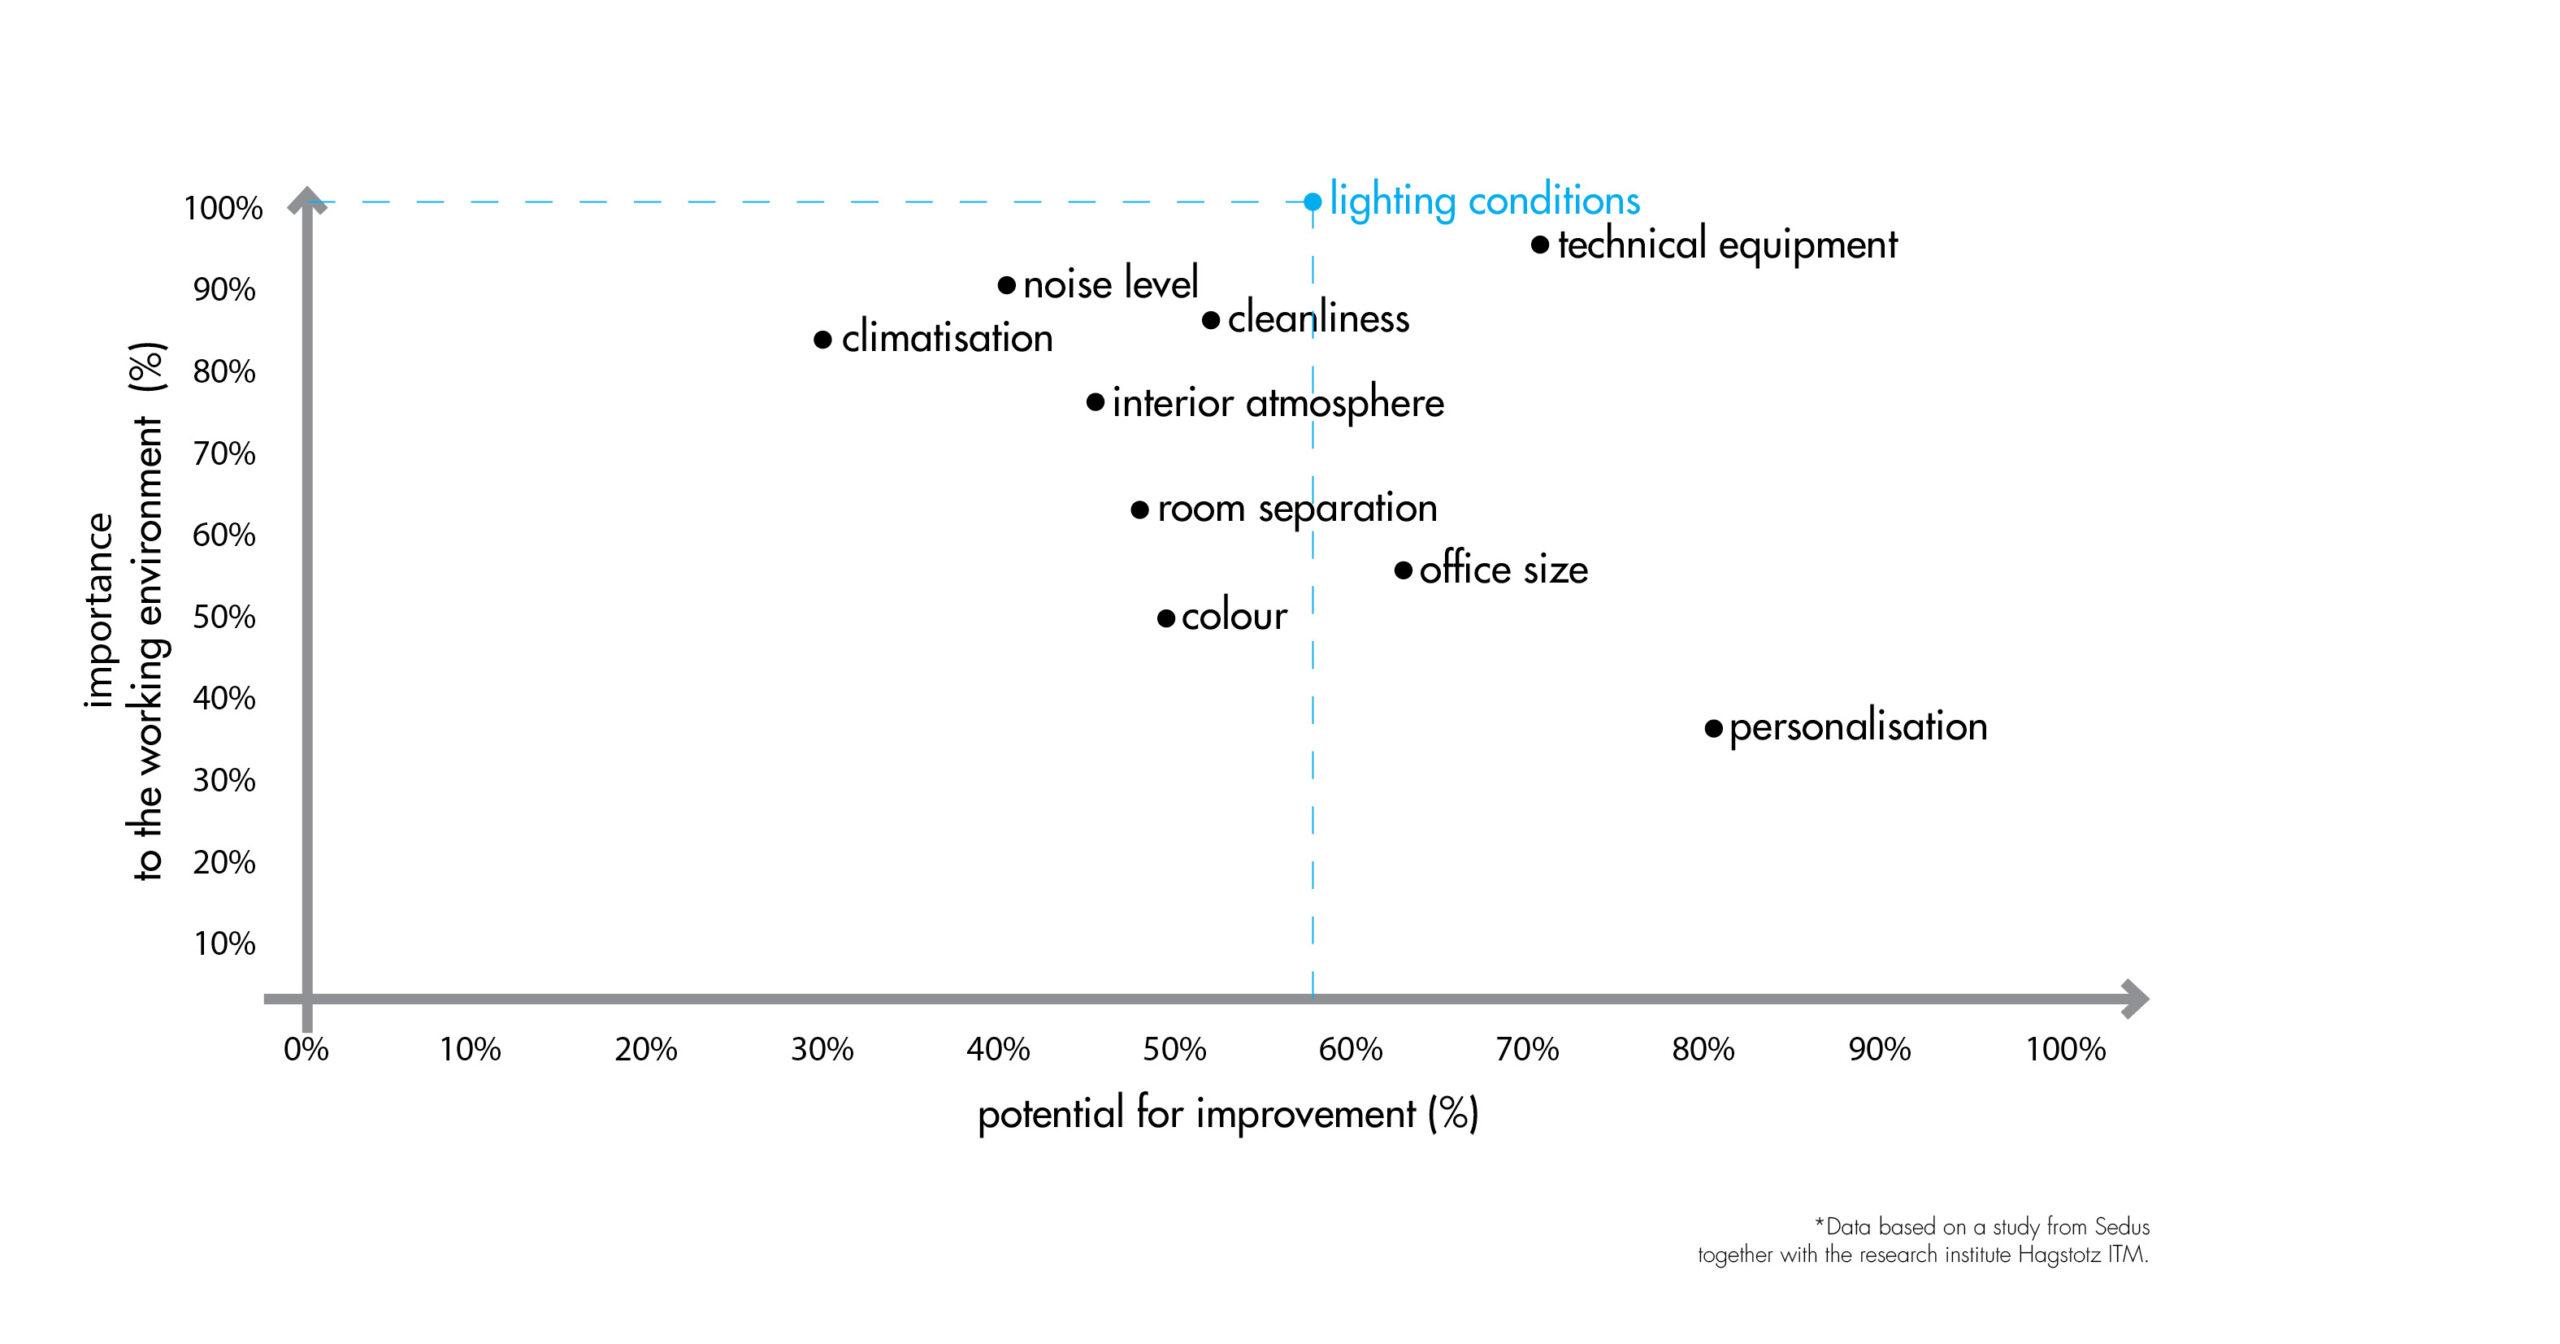 Lighting Conditions in Work Environments Graph - Studio De Schutter